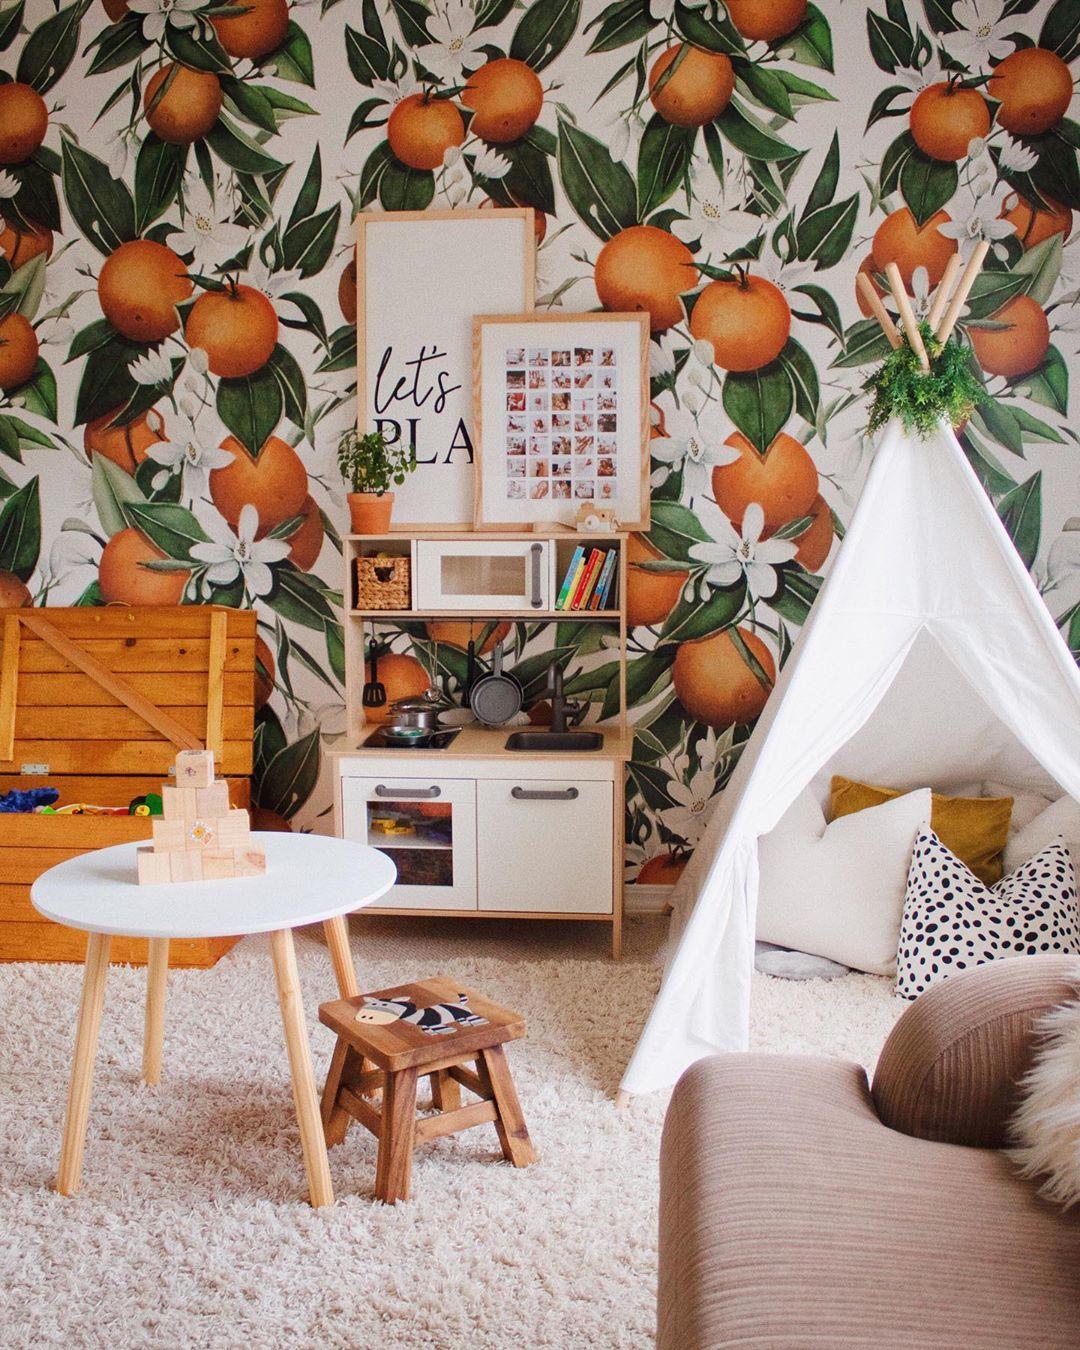 Είσαι γονιός; 20 ιδέες για να μεταμορφώσεις το παιδικό δωμάτιο (και να κερδίσεις έξτρα αγκαλιές!)